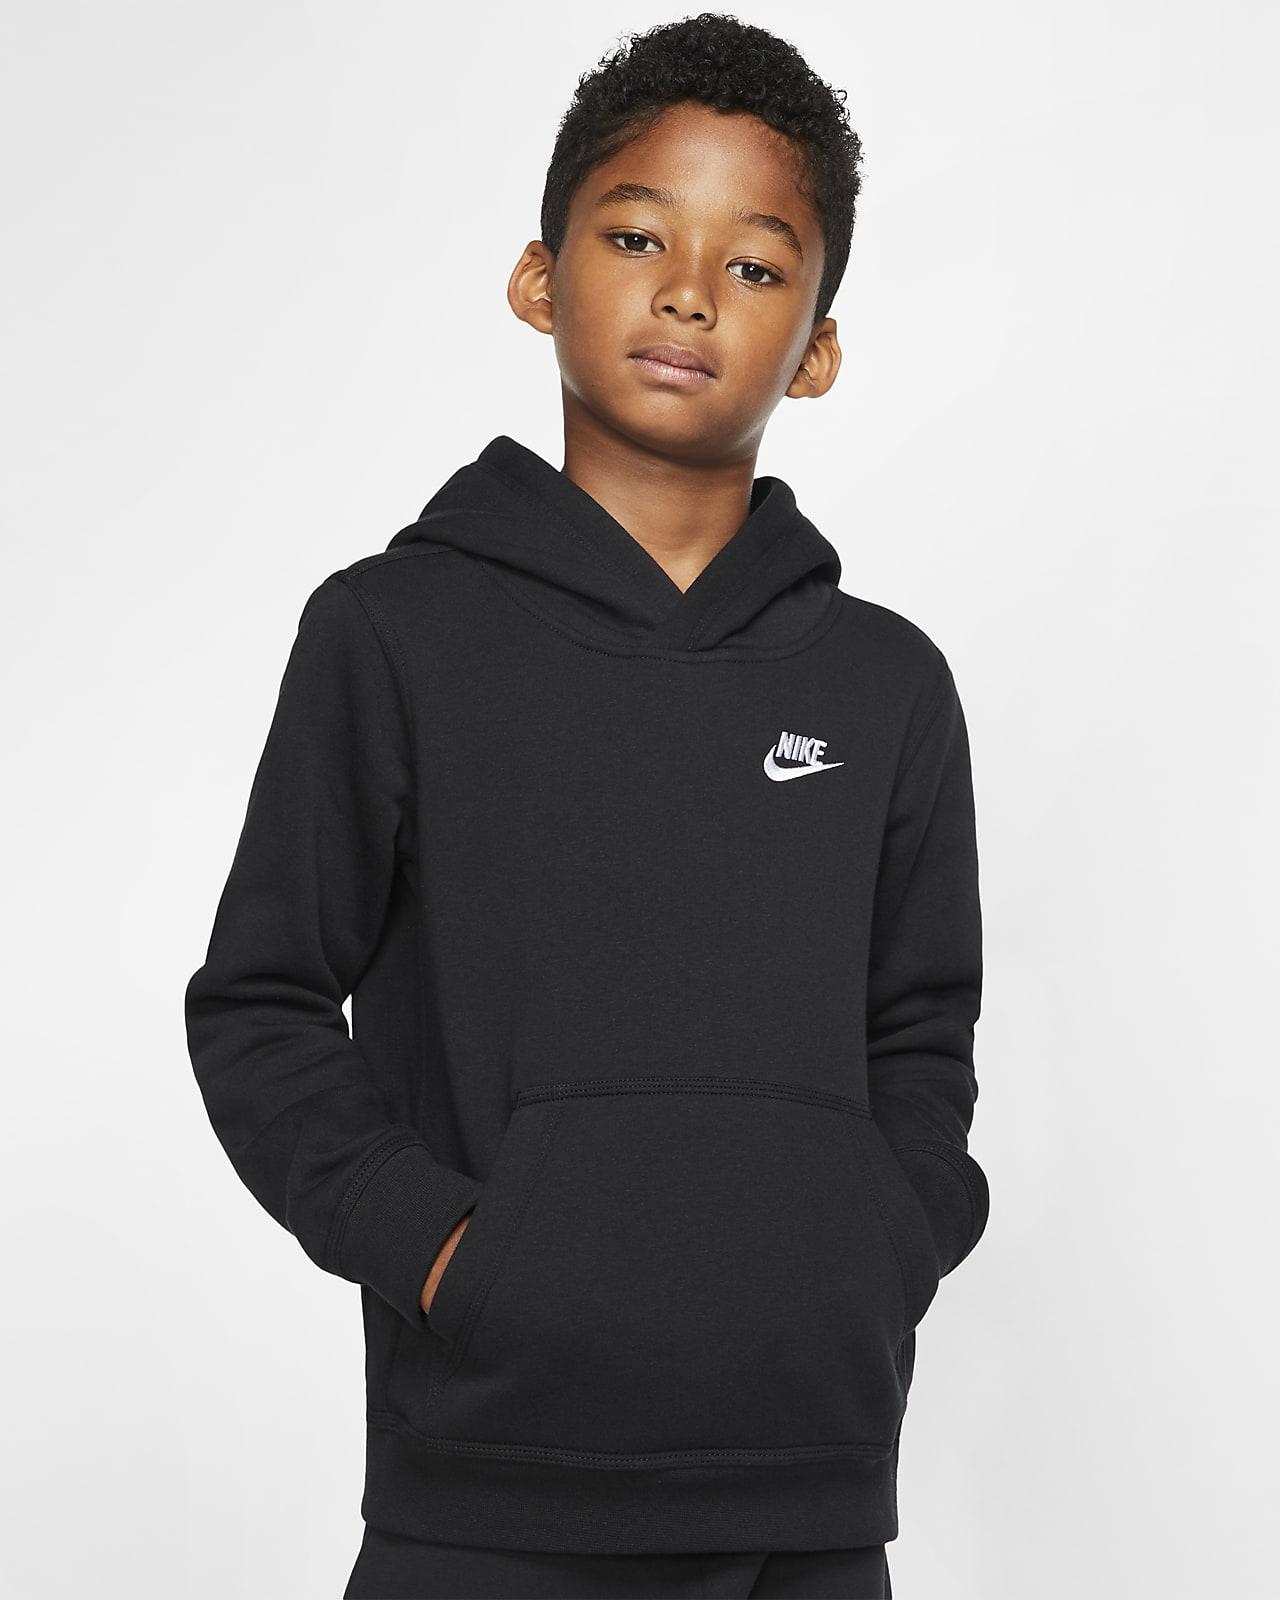 Pullover Sweatshirts Kinder Pullover Westen (Größe